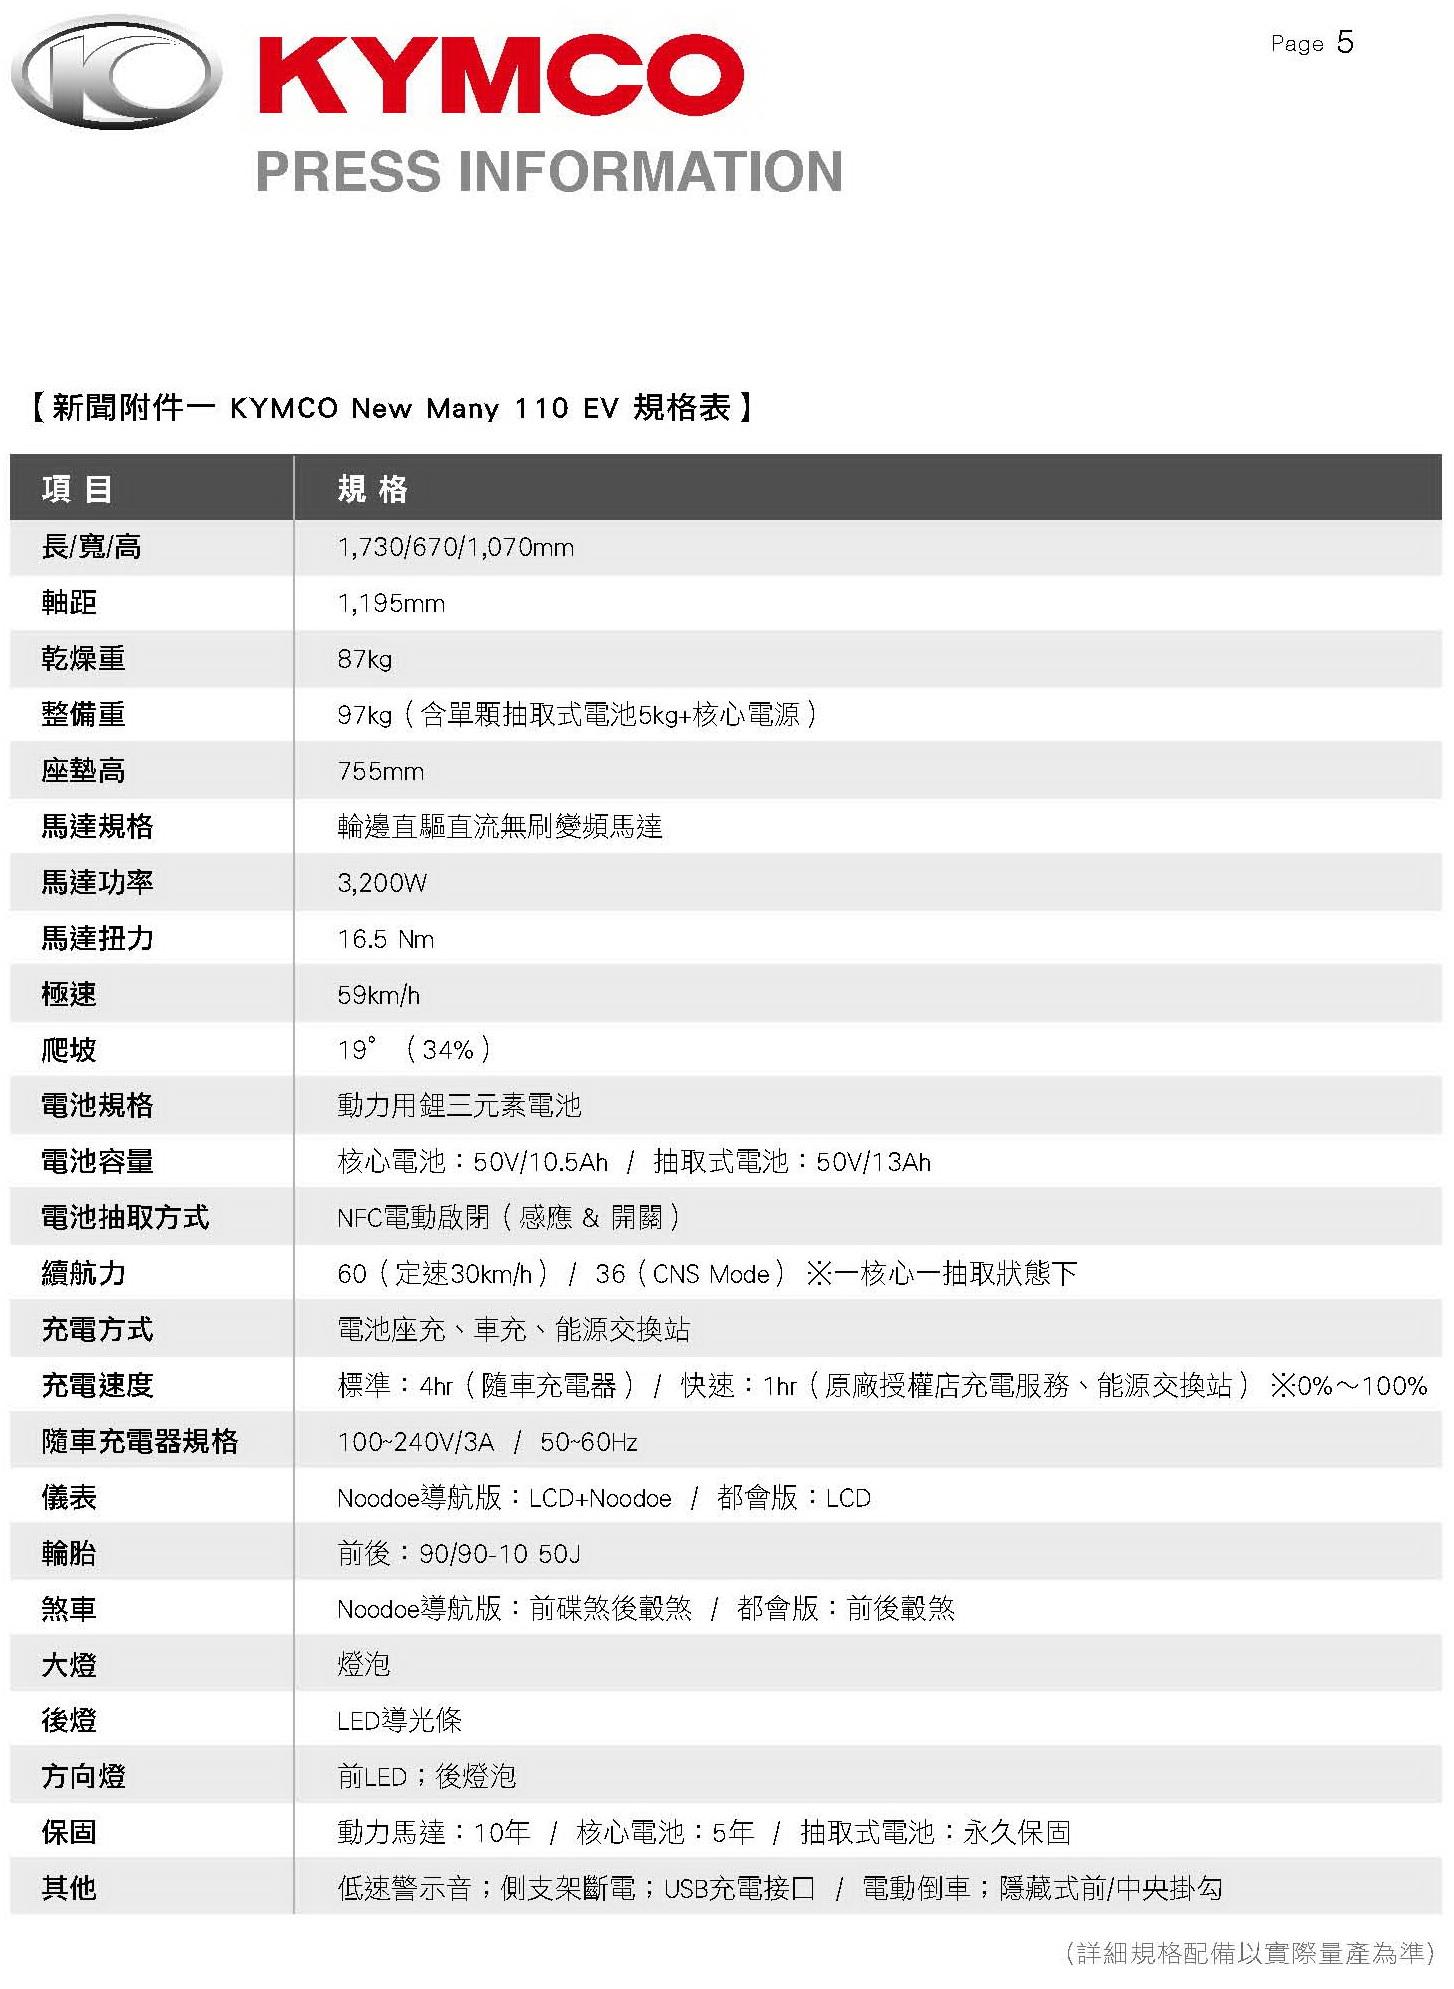 1_頁面_5